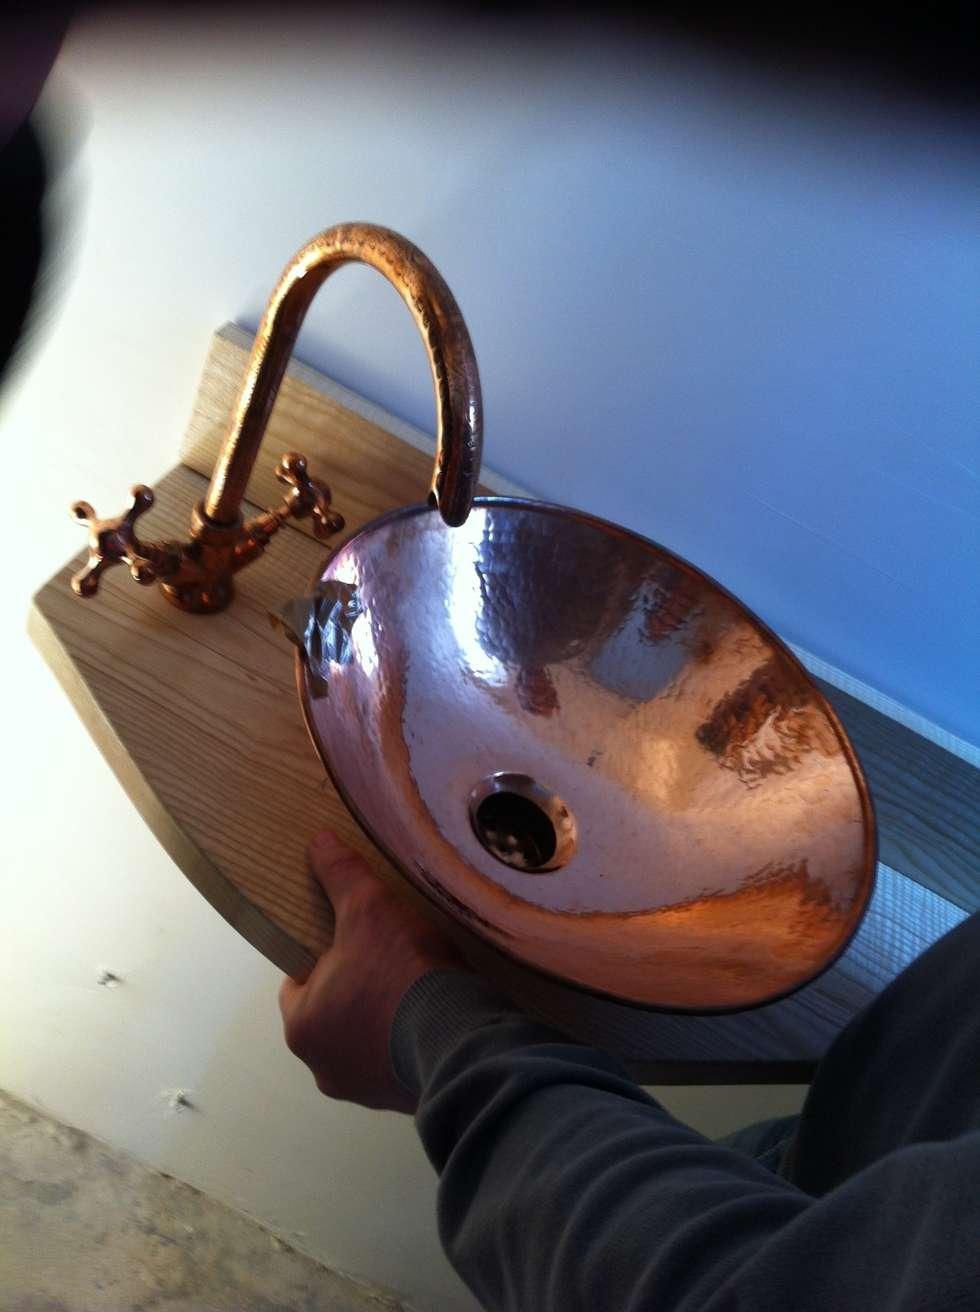 vasque en cuivre sur plan en bois de merisier sur mesure : Salle de bains de style  par Sara Camus Bouanha Architecture Interieure